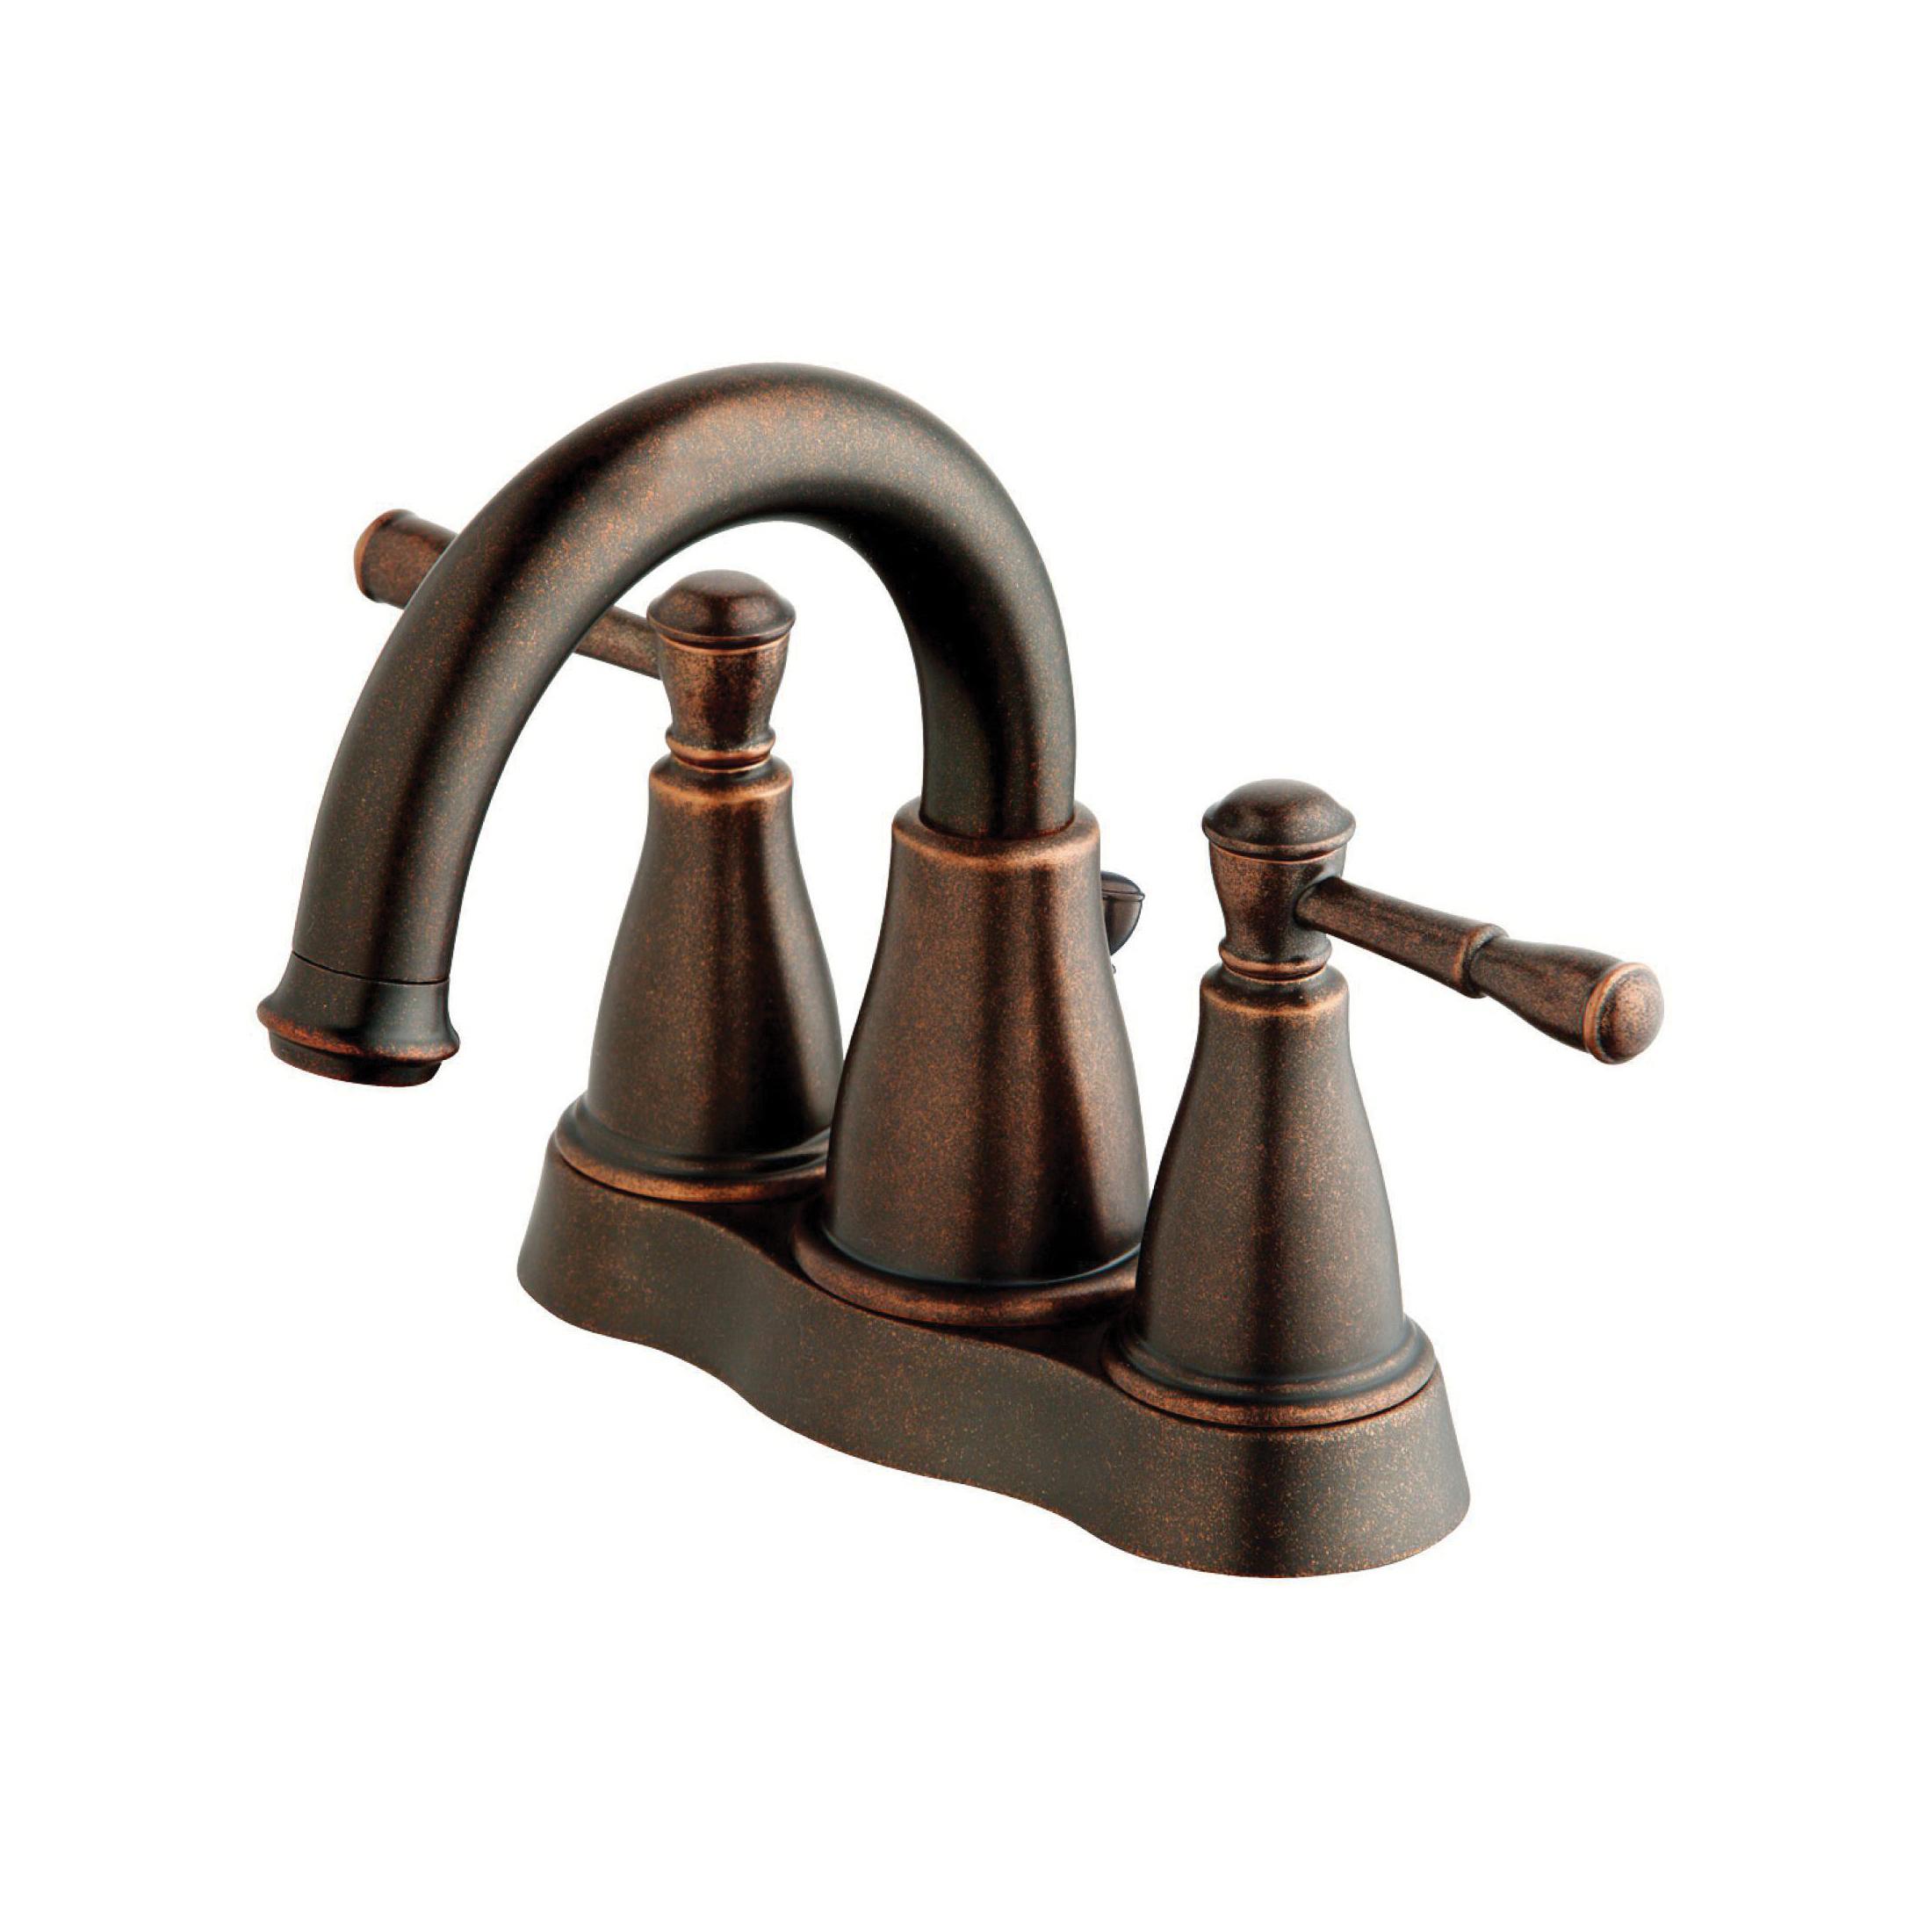 Danze® D301115BR Centerset Lavatory Faucet, Eastham™, Tumbled Bronze, 2 Handles, 50/50 Pop-Up Drain, 1.2 gpm